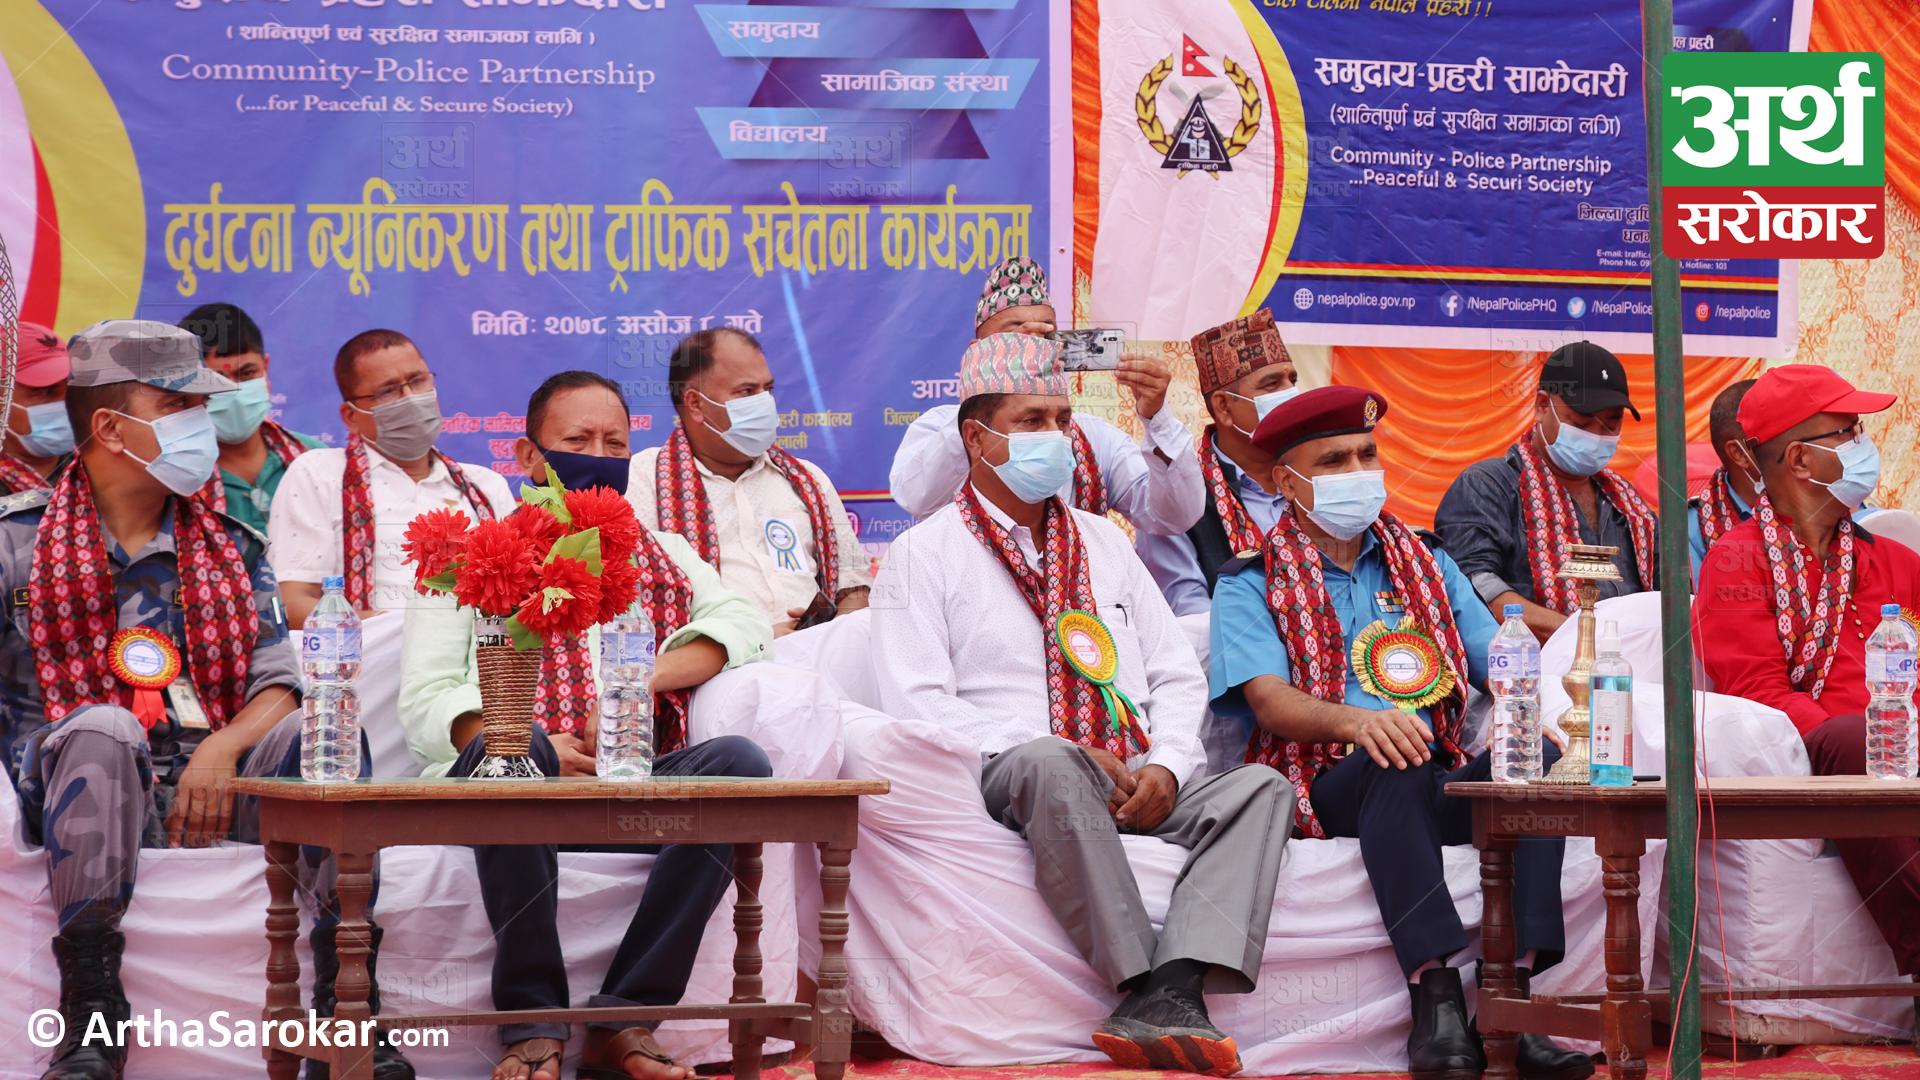 चाडपर्व लक्षित धनगढीमा ट्राफिक सचेतना कार्यक्रम… (फोटो-कथा)